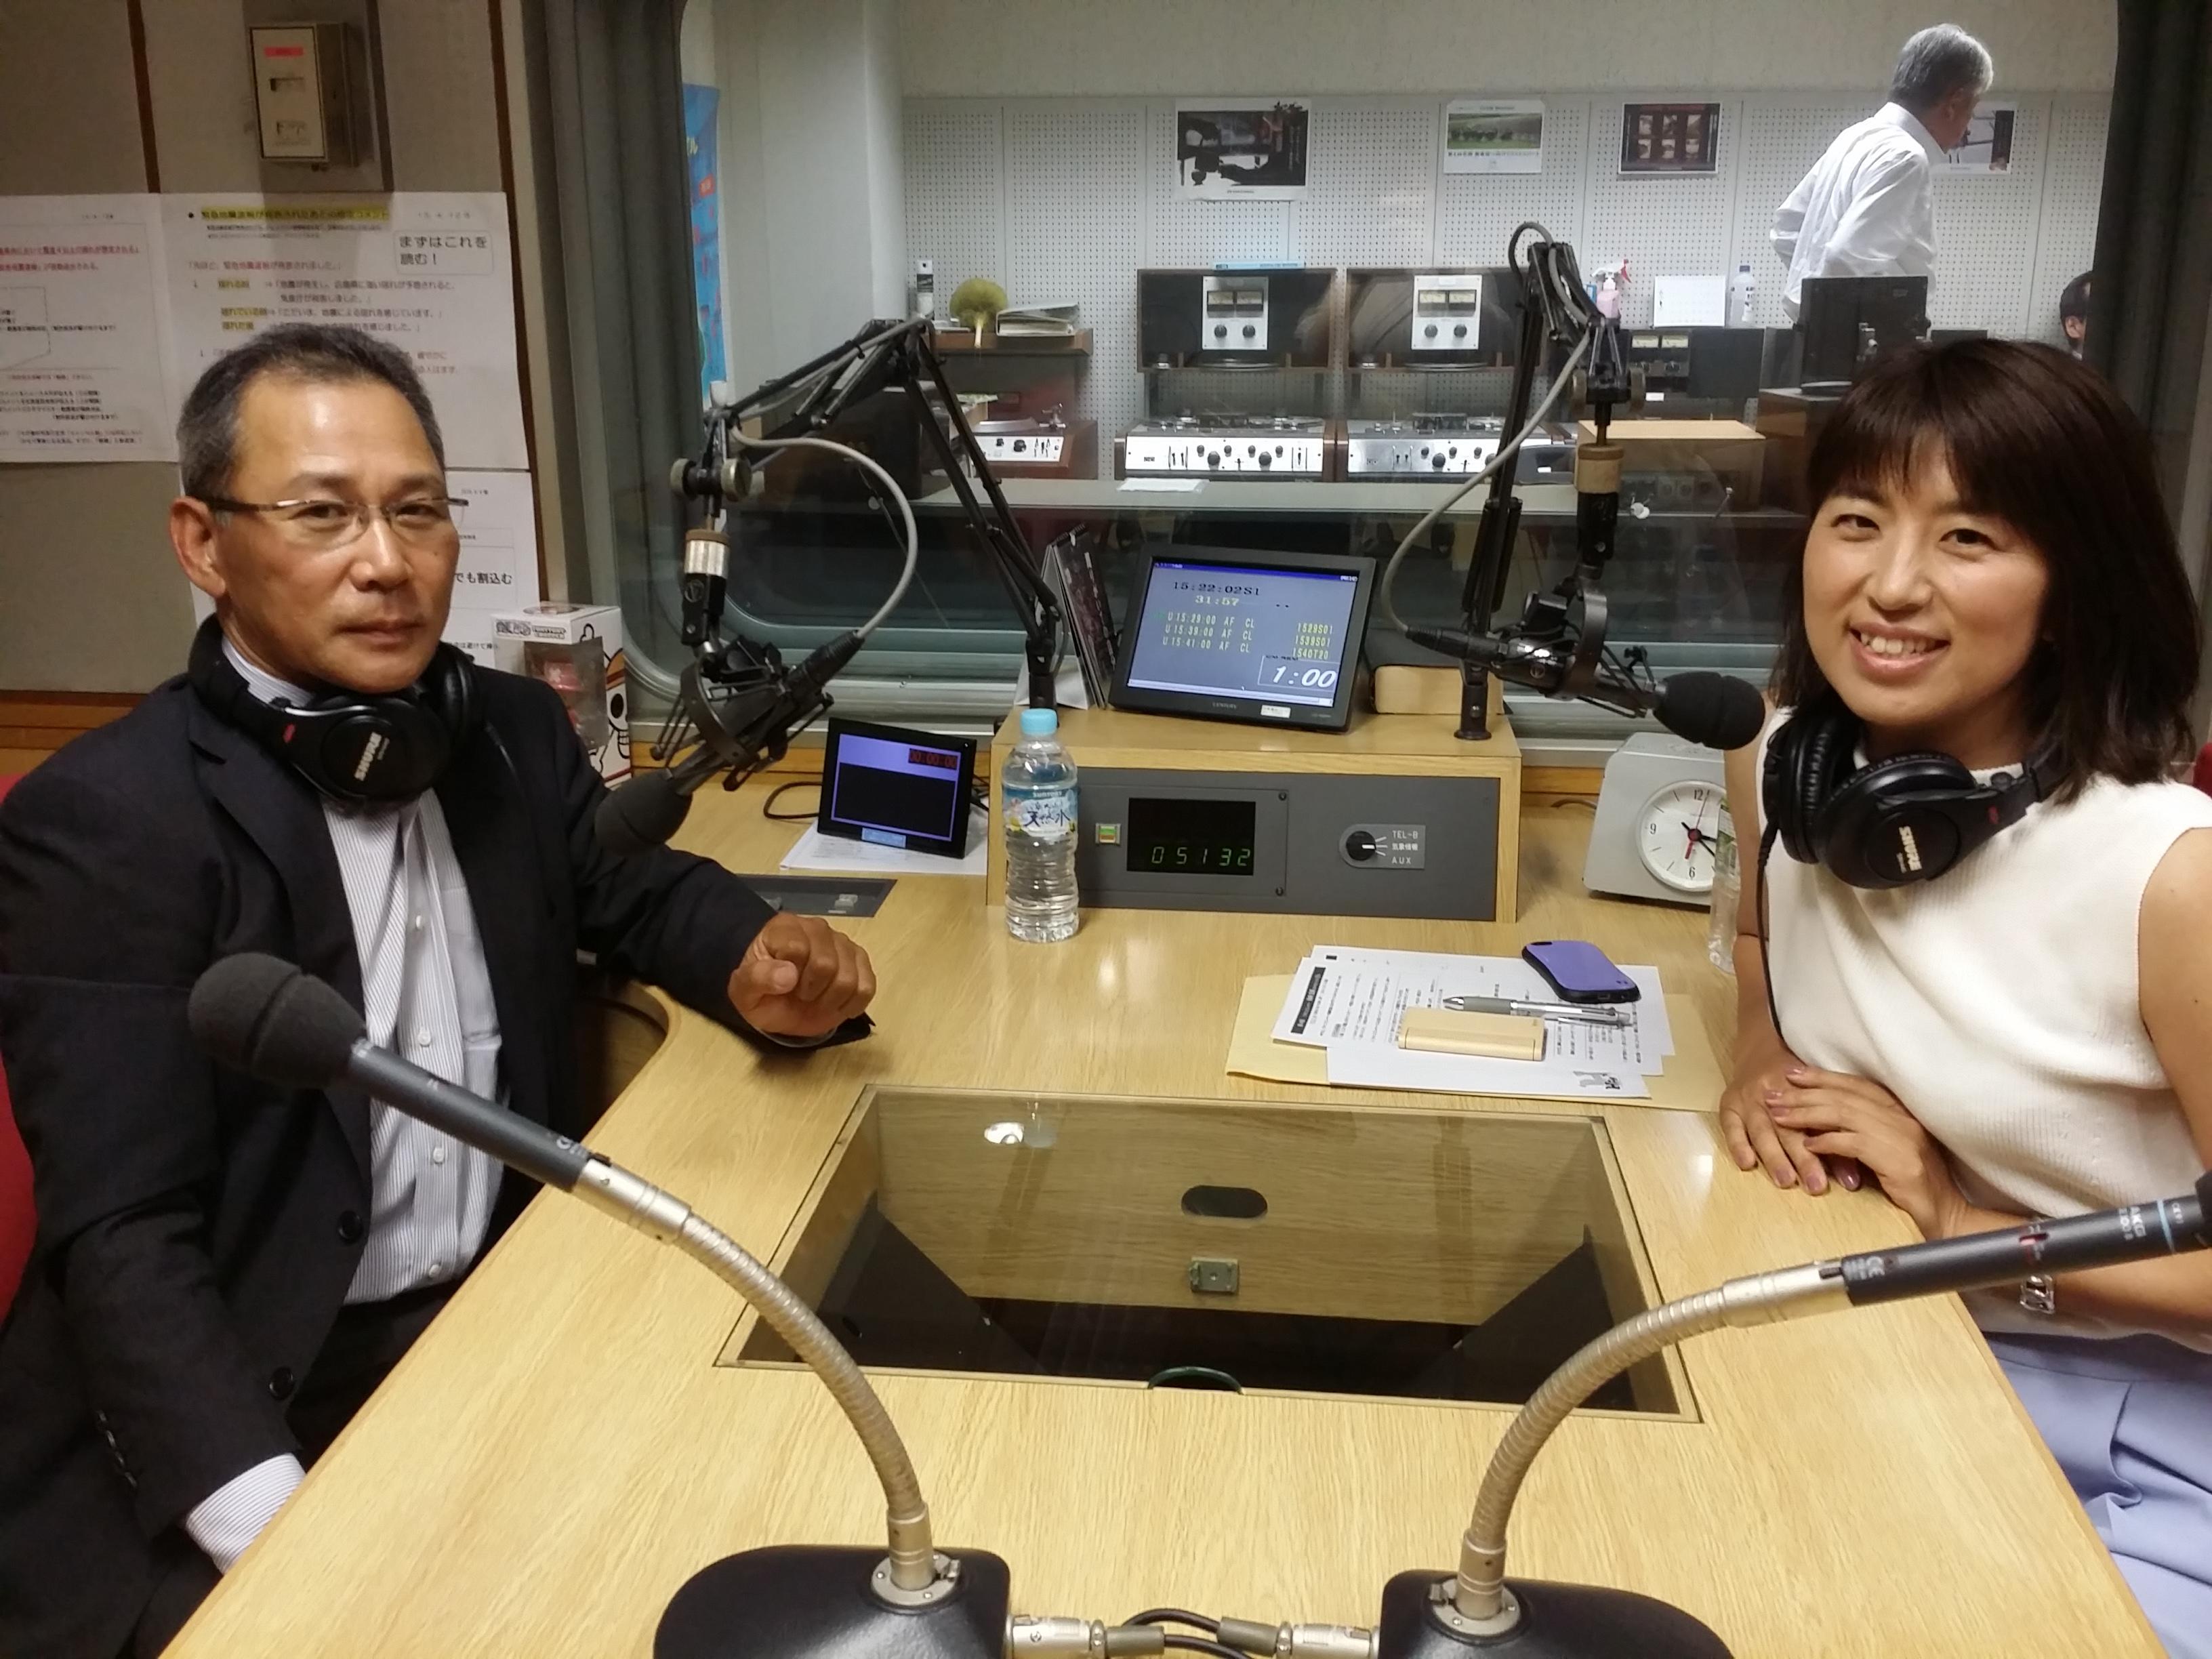 先週に引き続きゲストは、プロテニスプレイヤー 岡崎宏美さん